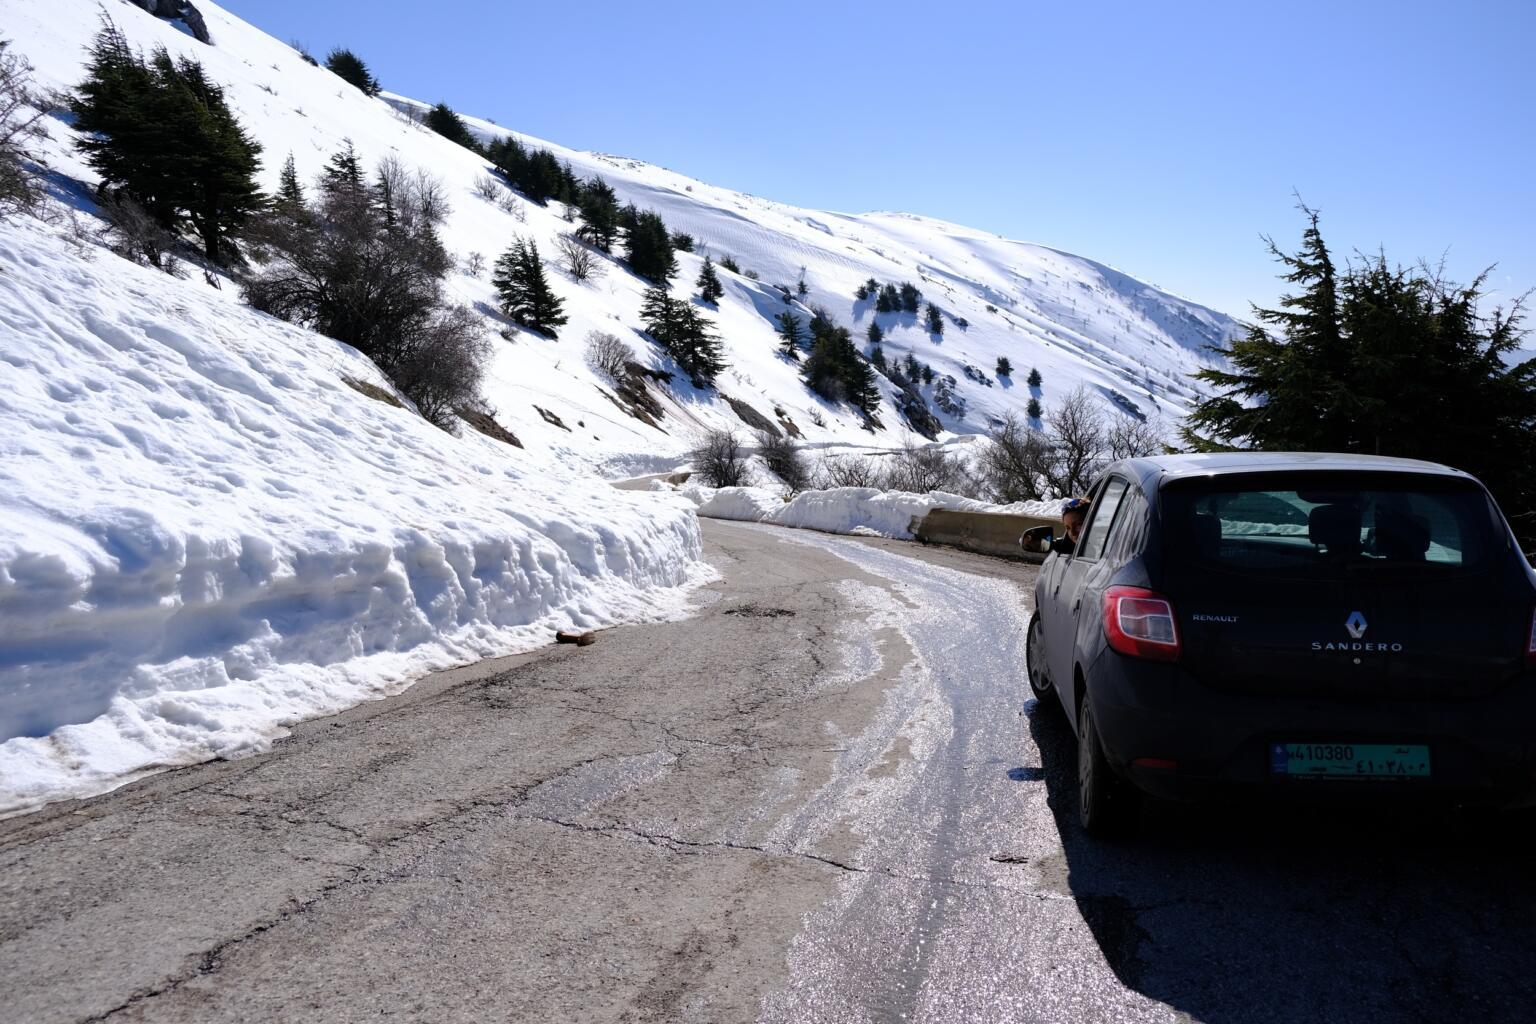 Lebanon travel guide